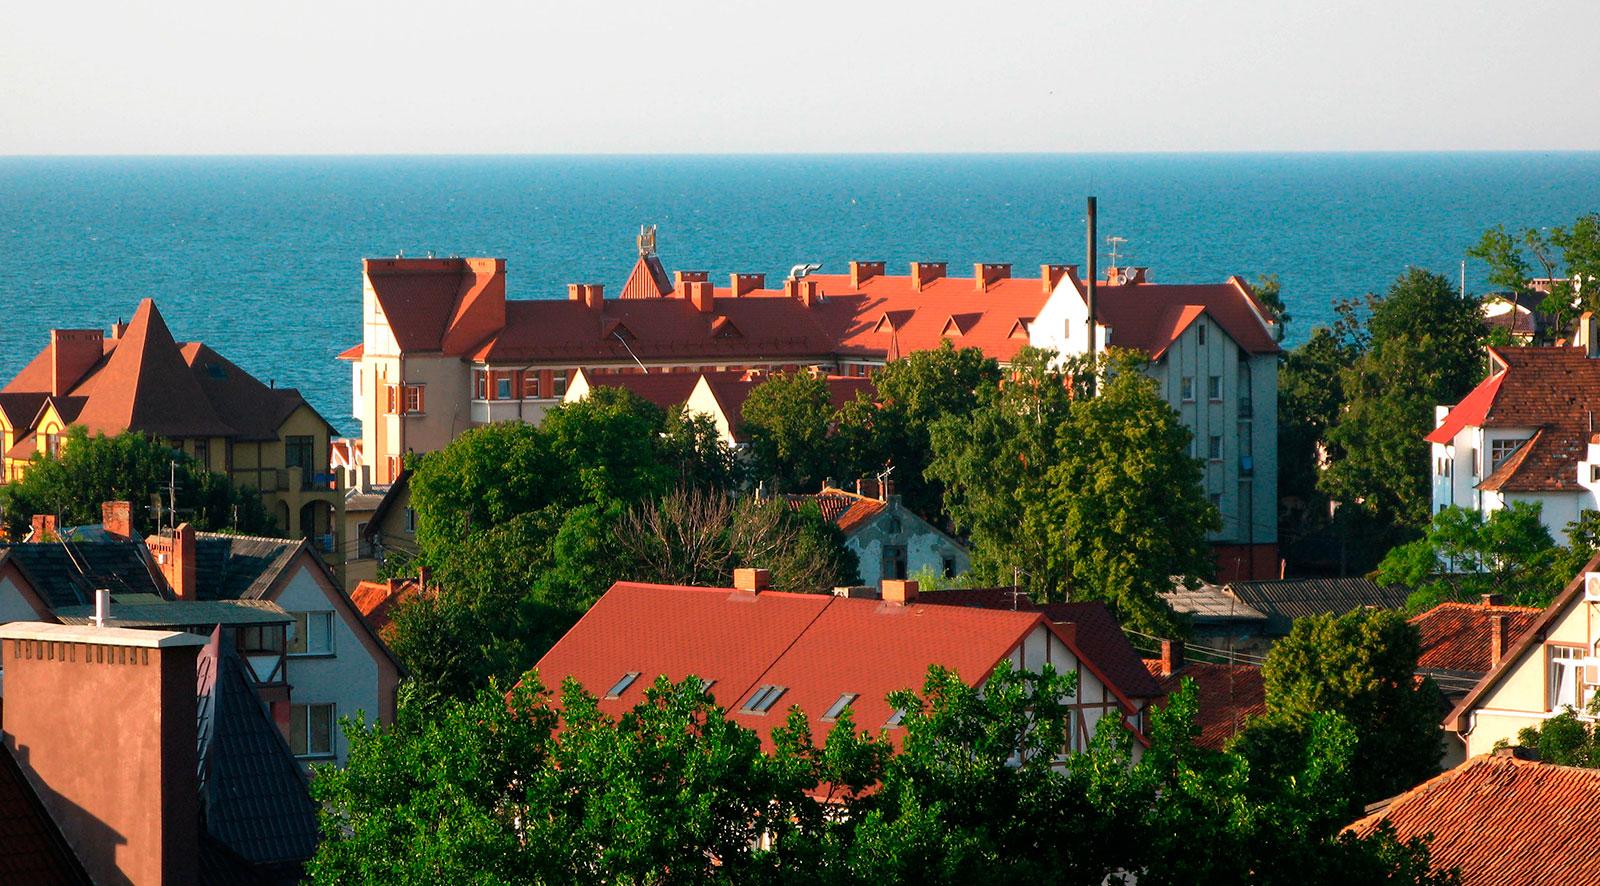 красные крыши домов и Балтийское море